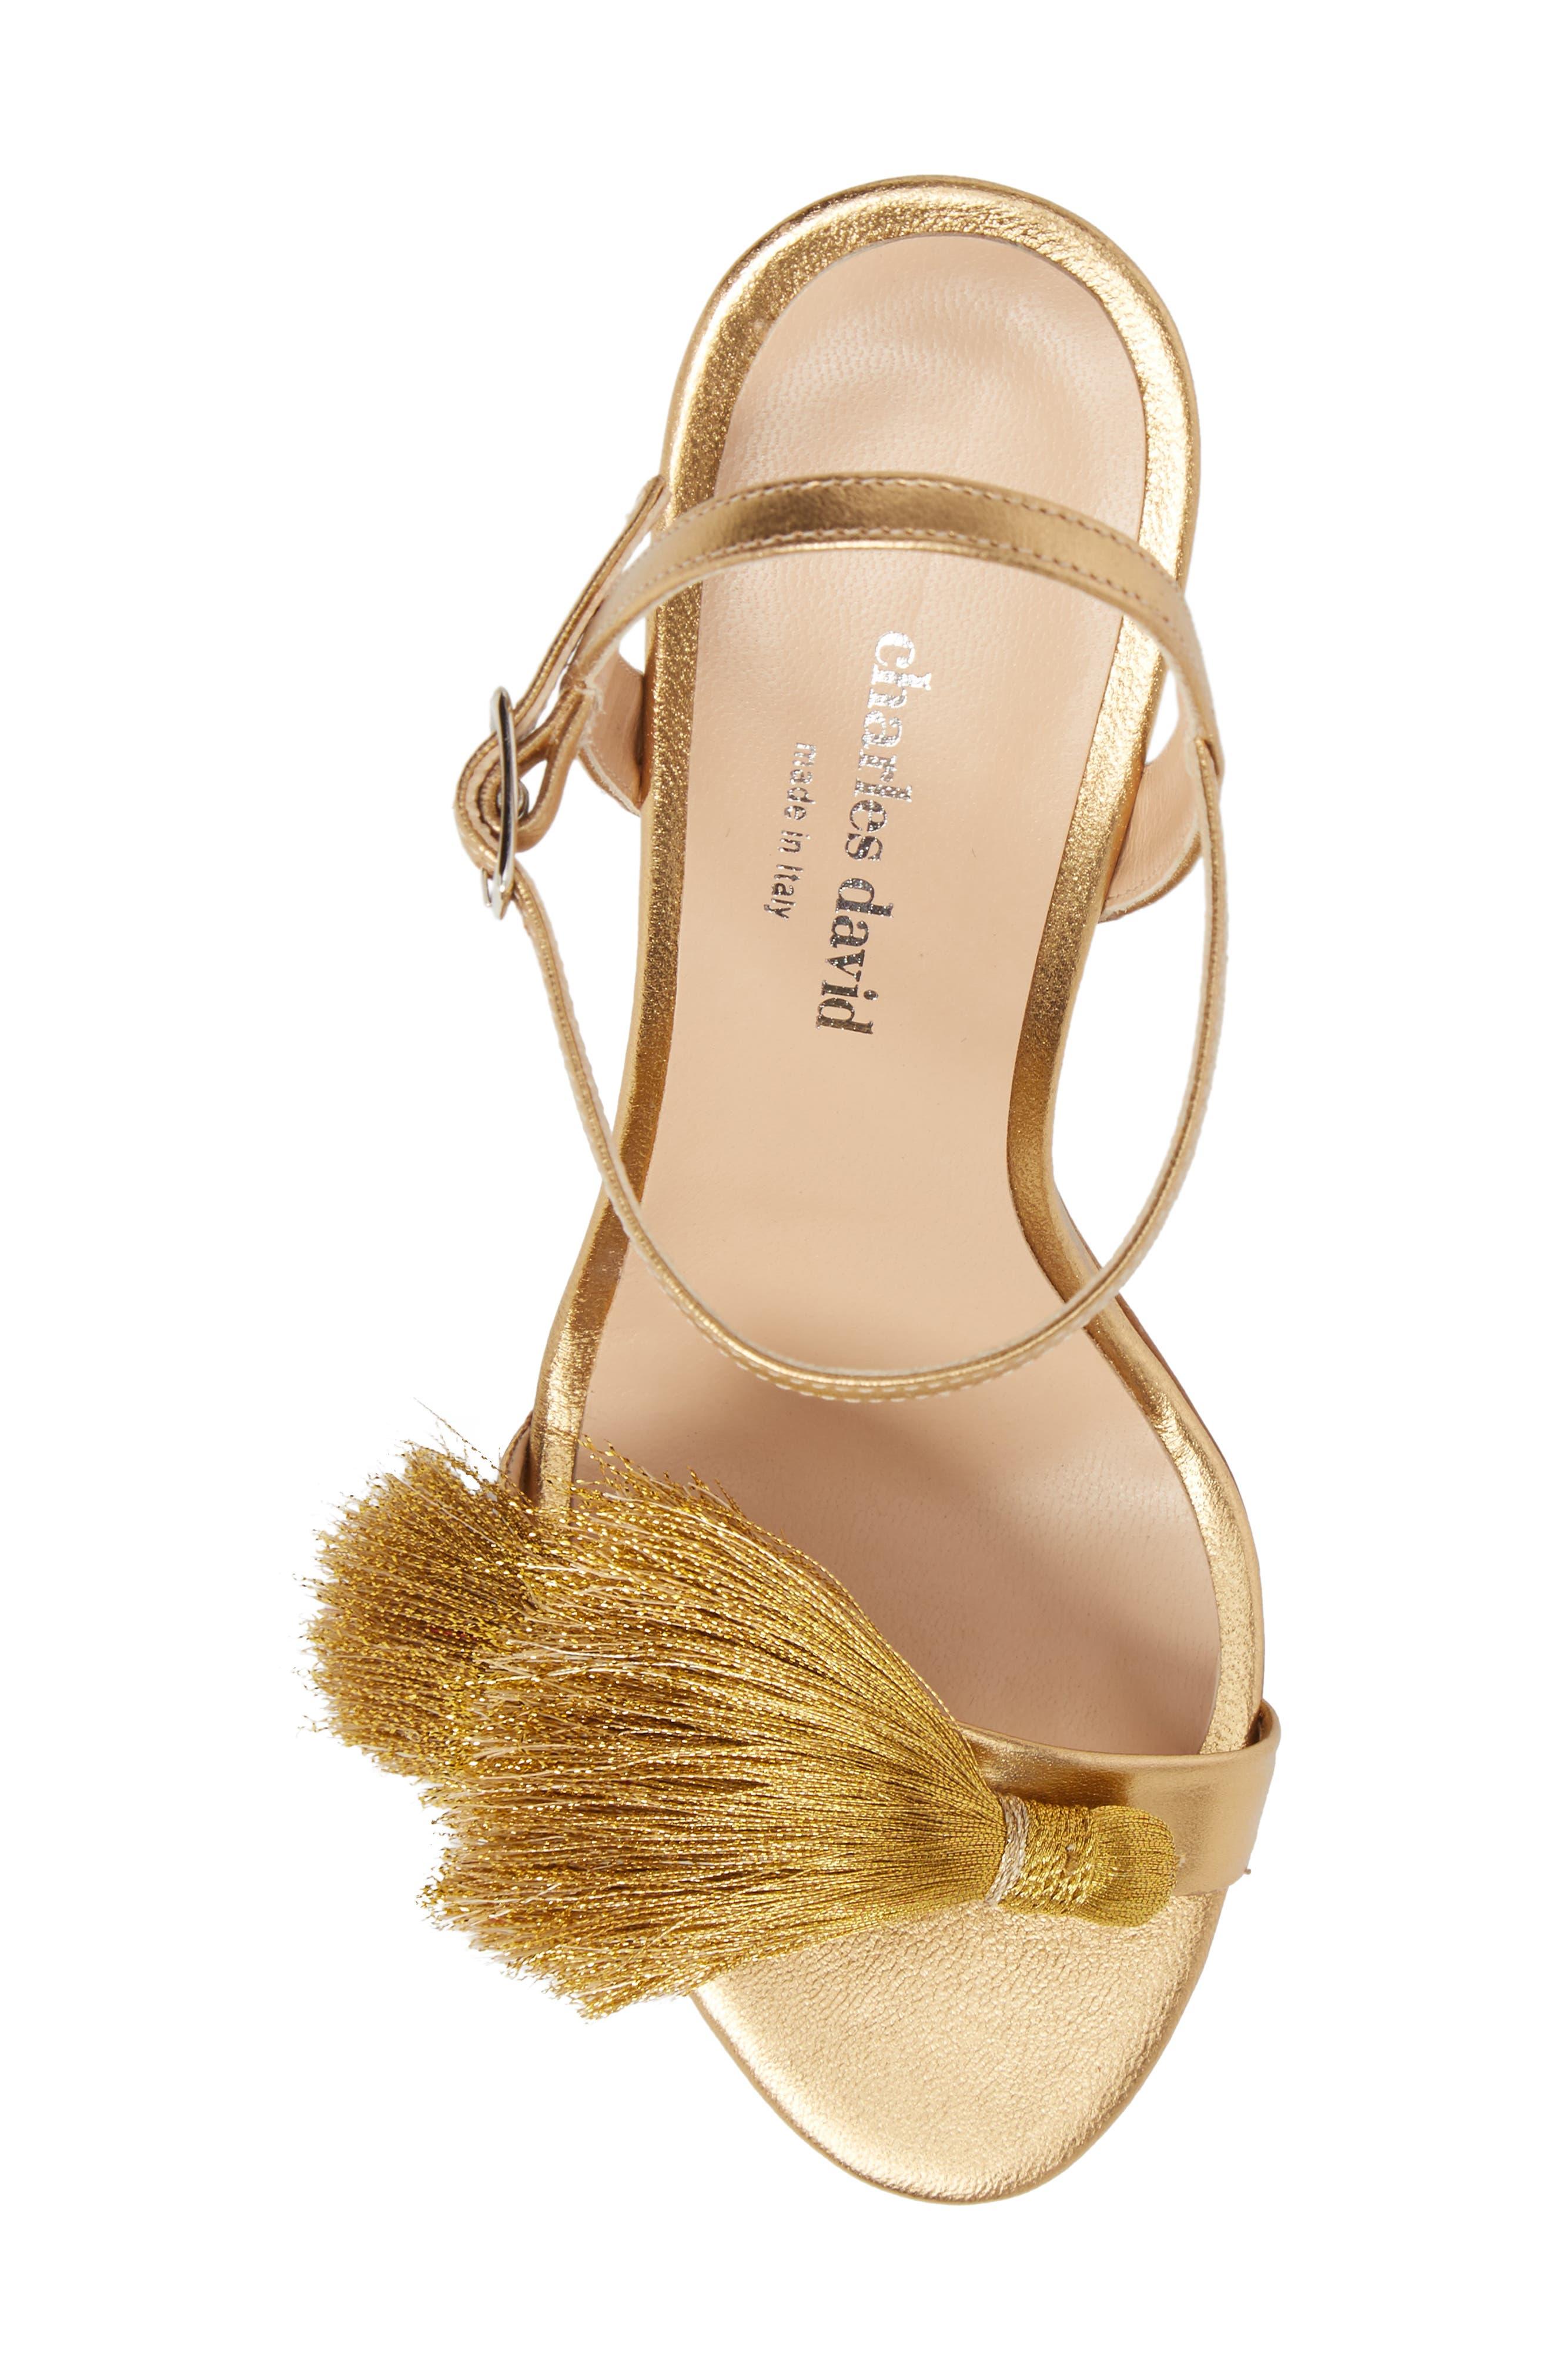 Sassy Tassel Sandal,                             Alternate thumbnail 5, color,                             Gold Leather